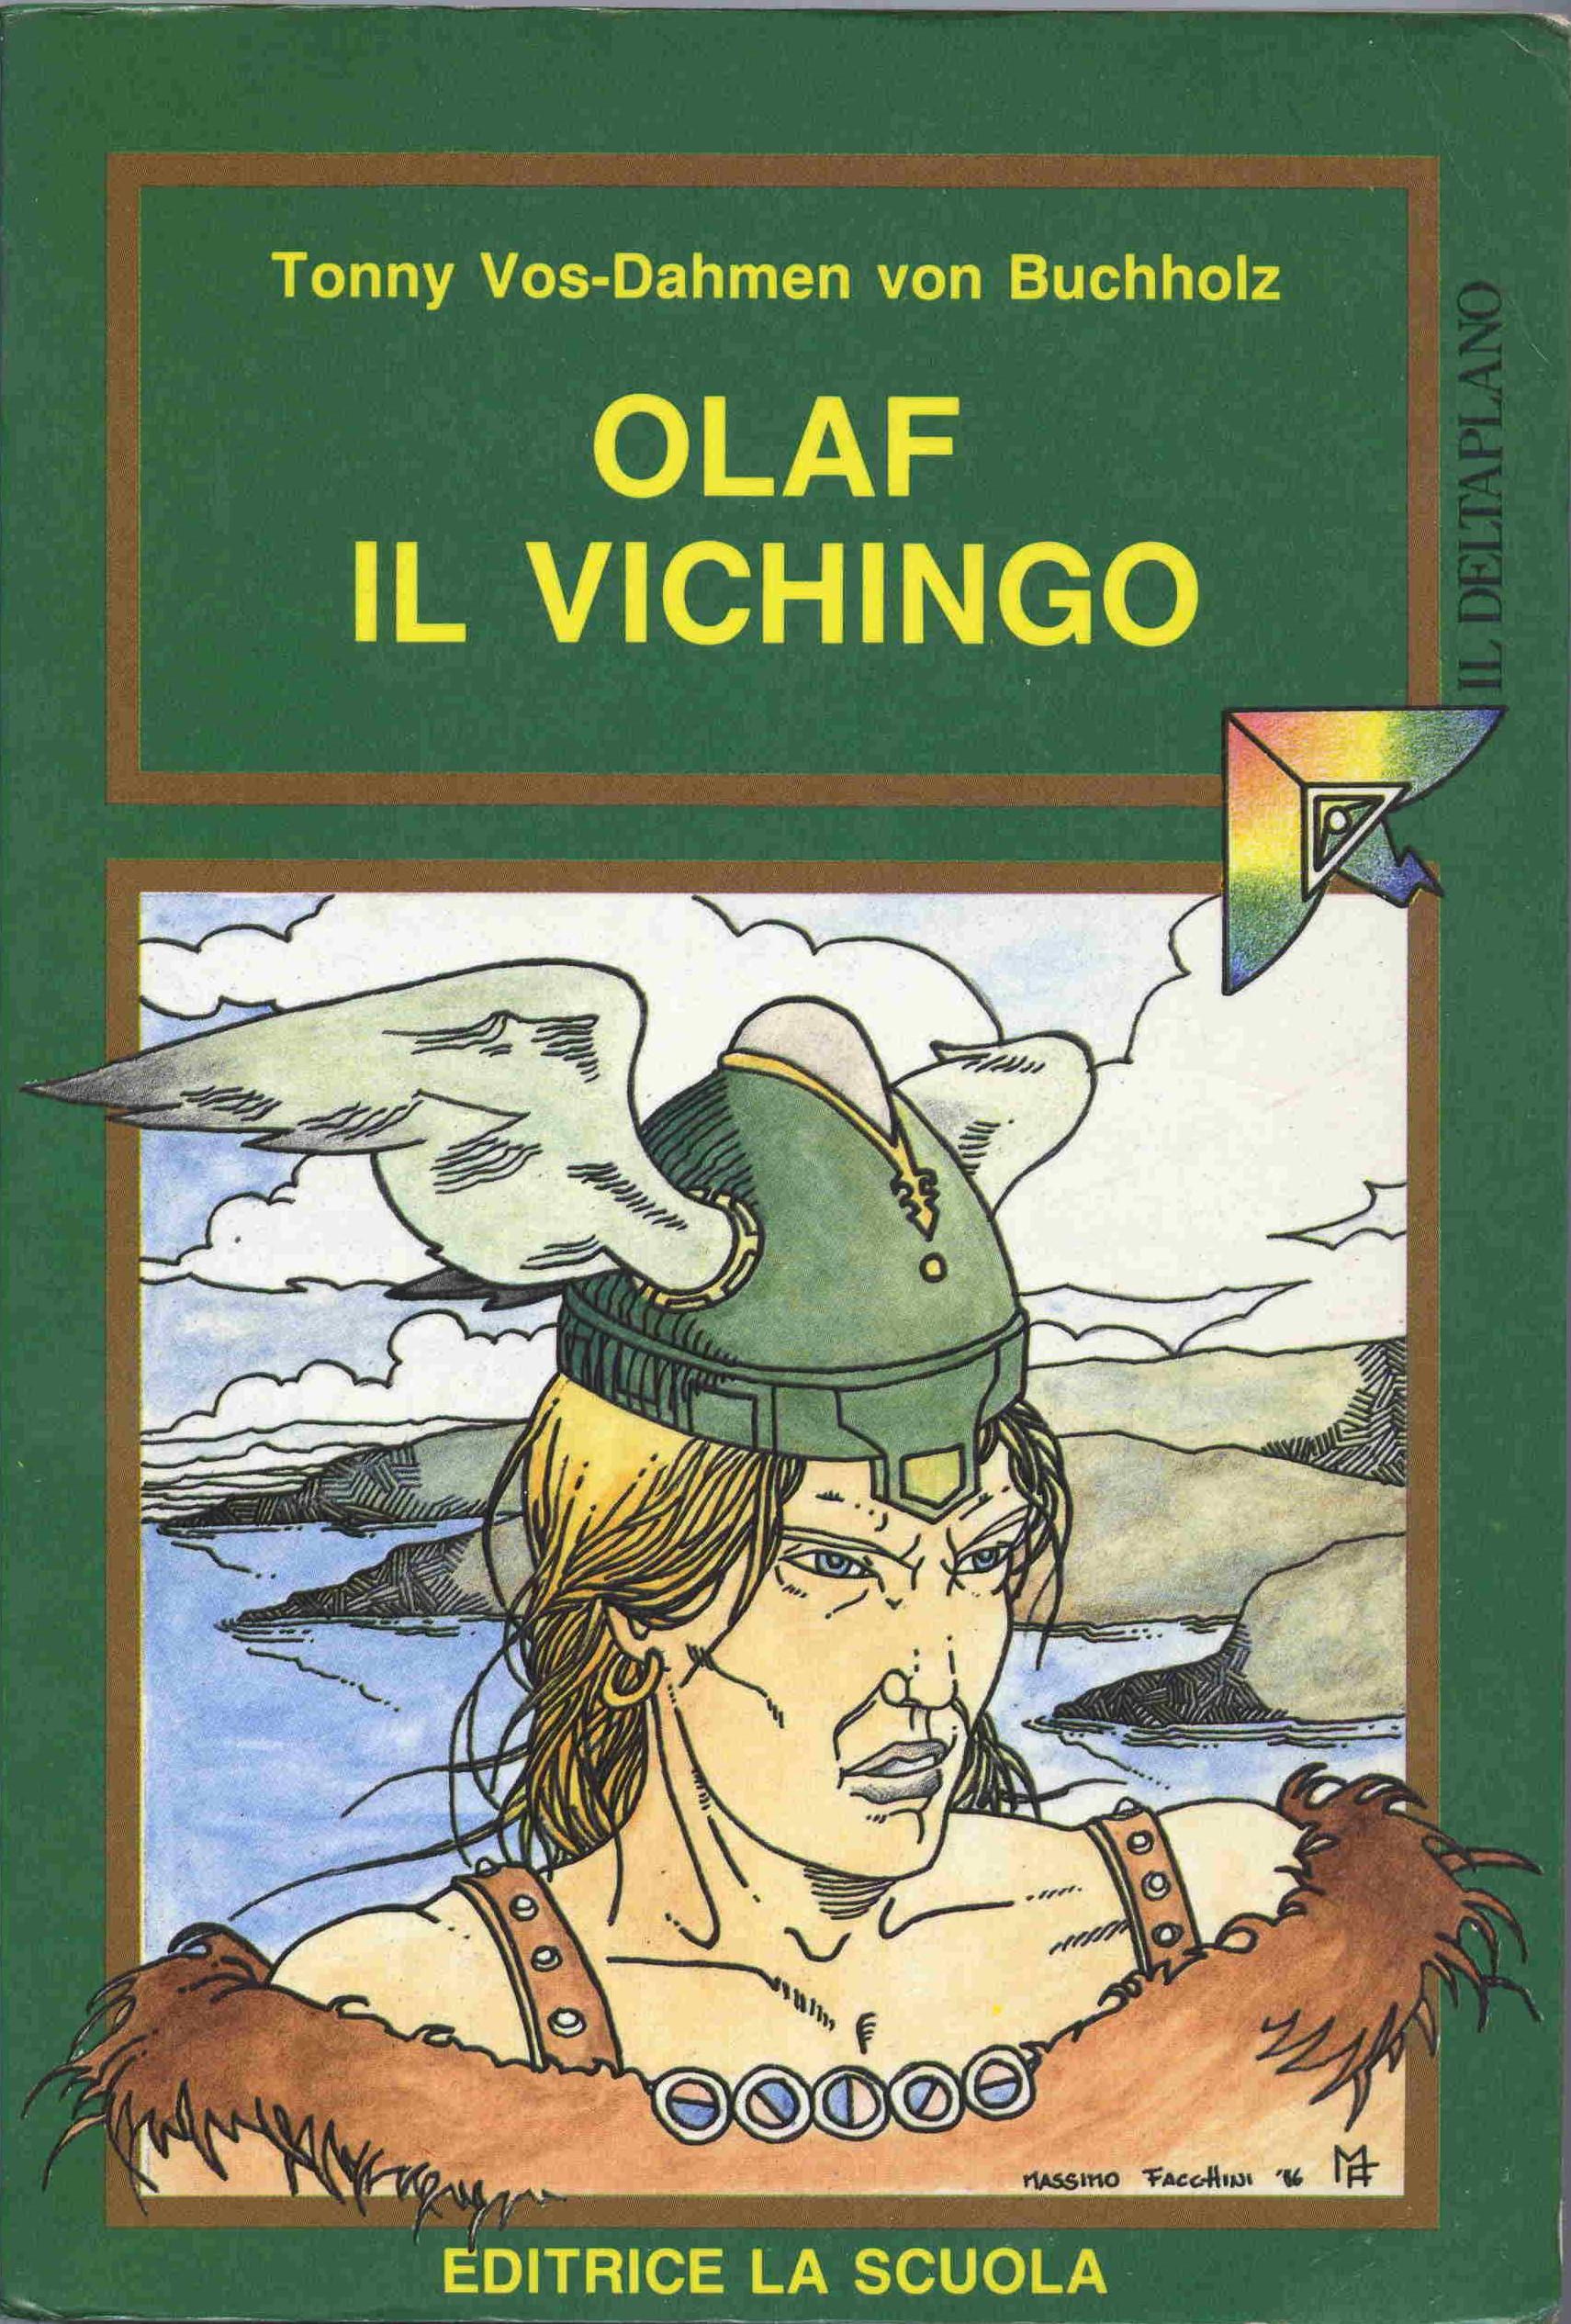 Olaf il vichingo